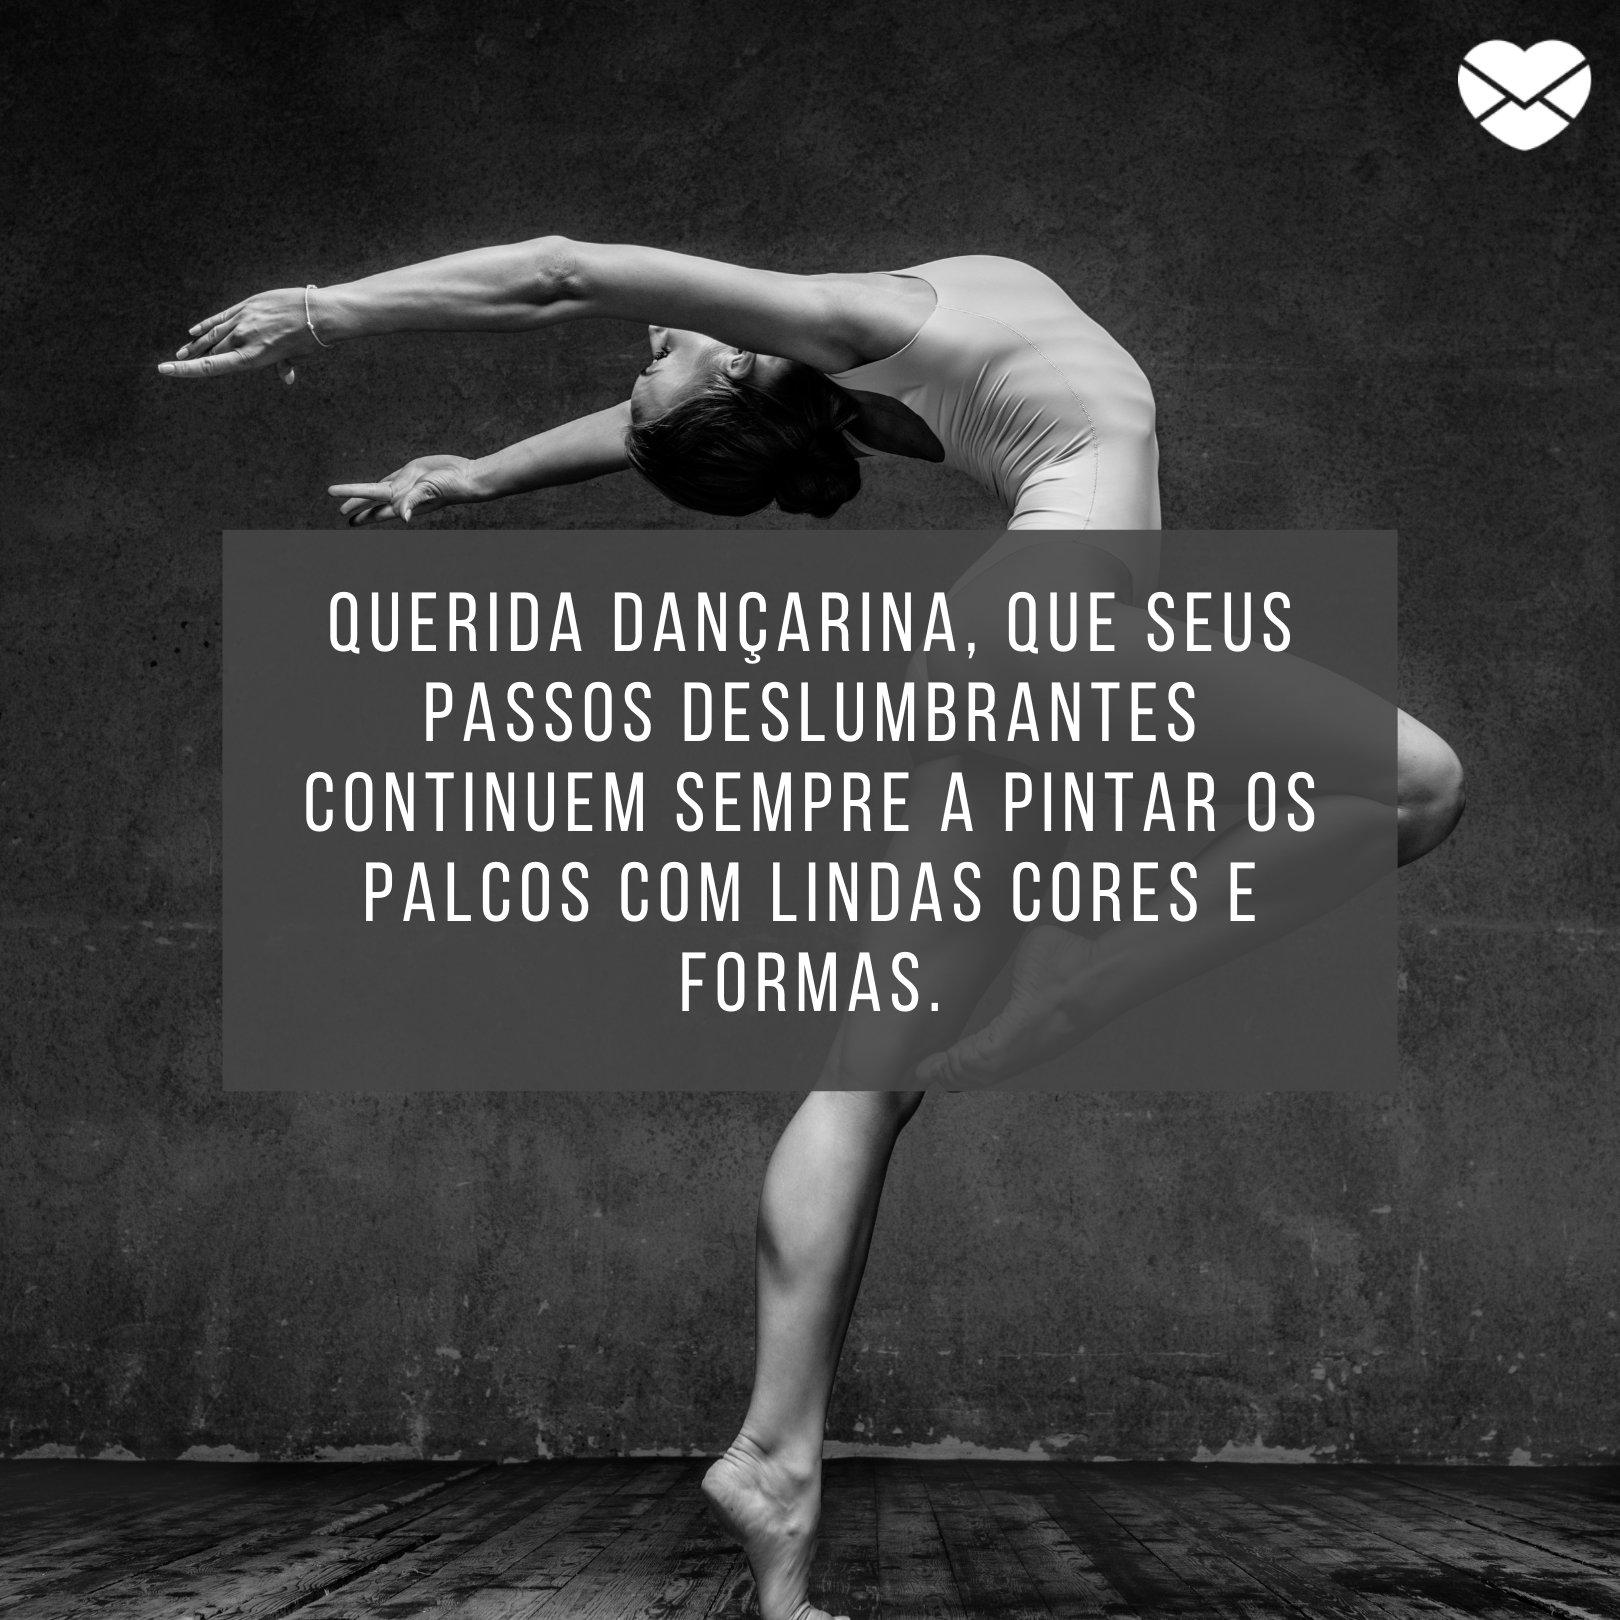 'Querida dançarina, que seus passos deslumbrantes continuem sempre a pintar os palcos com lindas cores e formas.' - Homenagens para dançarinos